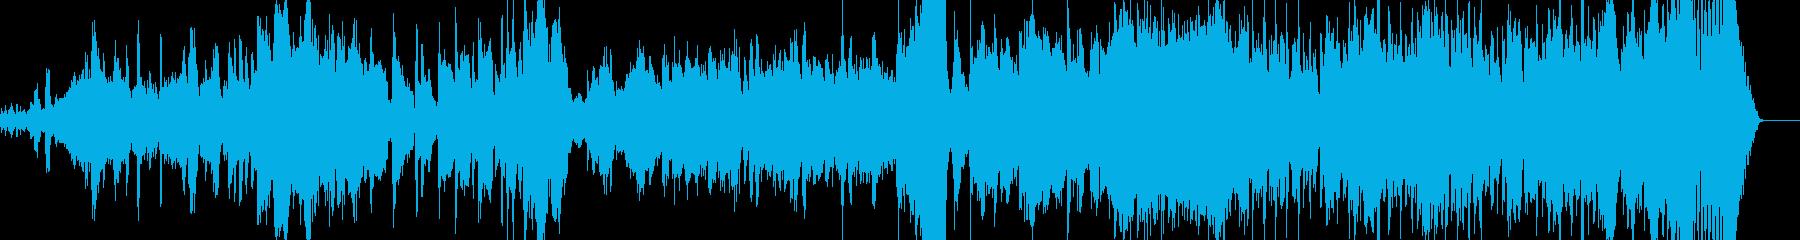 オーケストラ 序章 旅立ちの再生済みの波形